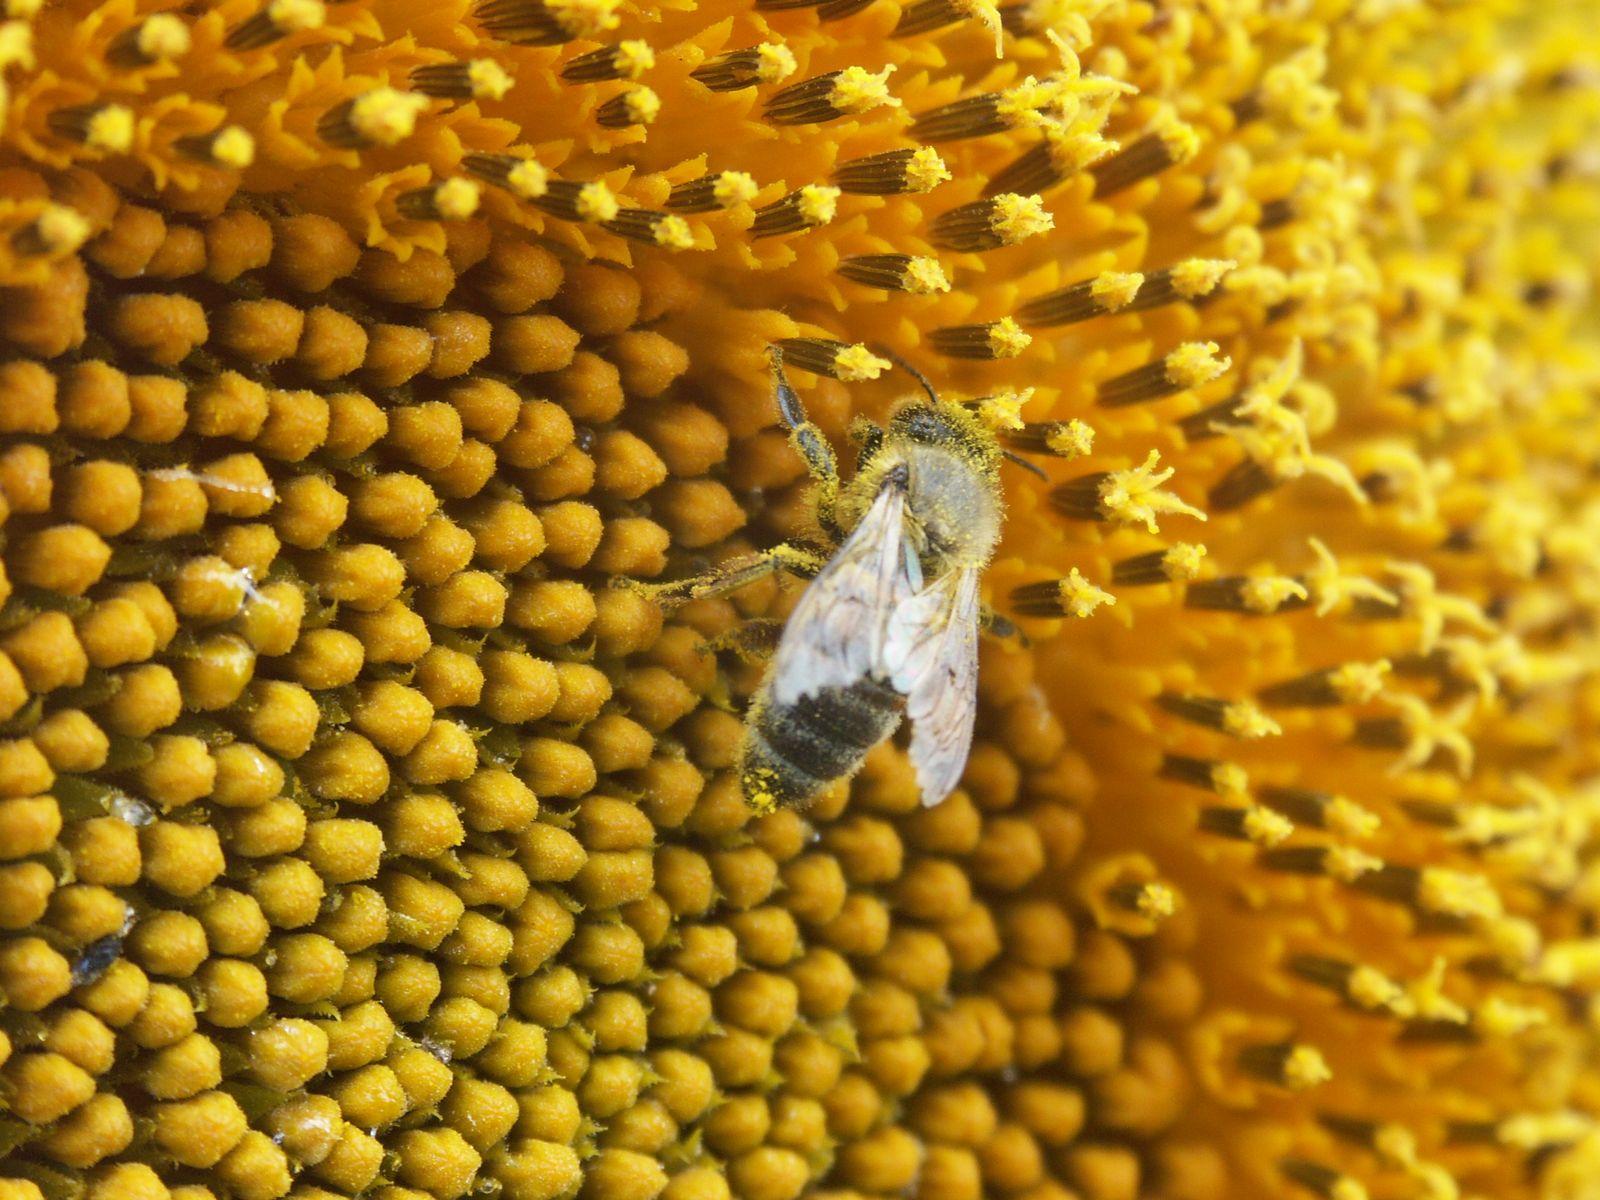 گرده افشانی گل آفتابگردان توسط زنبور عسل